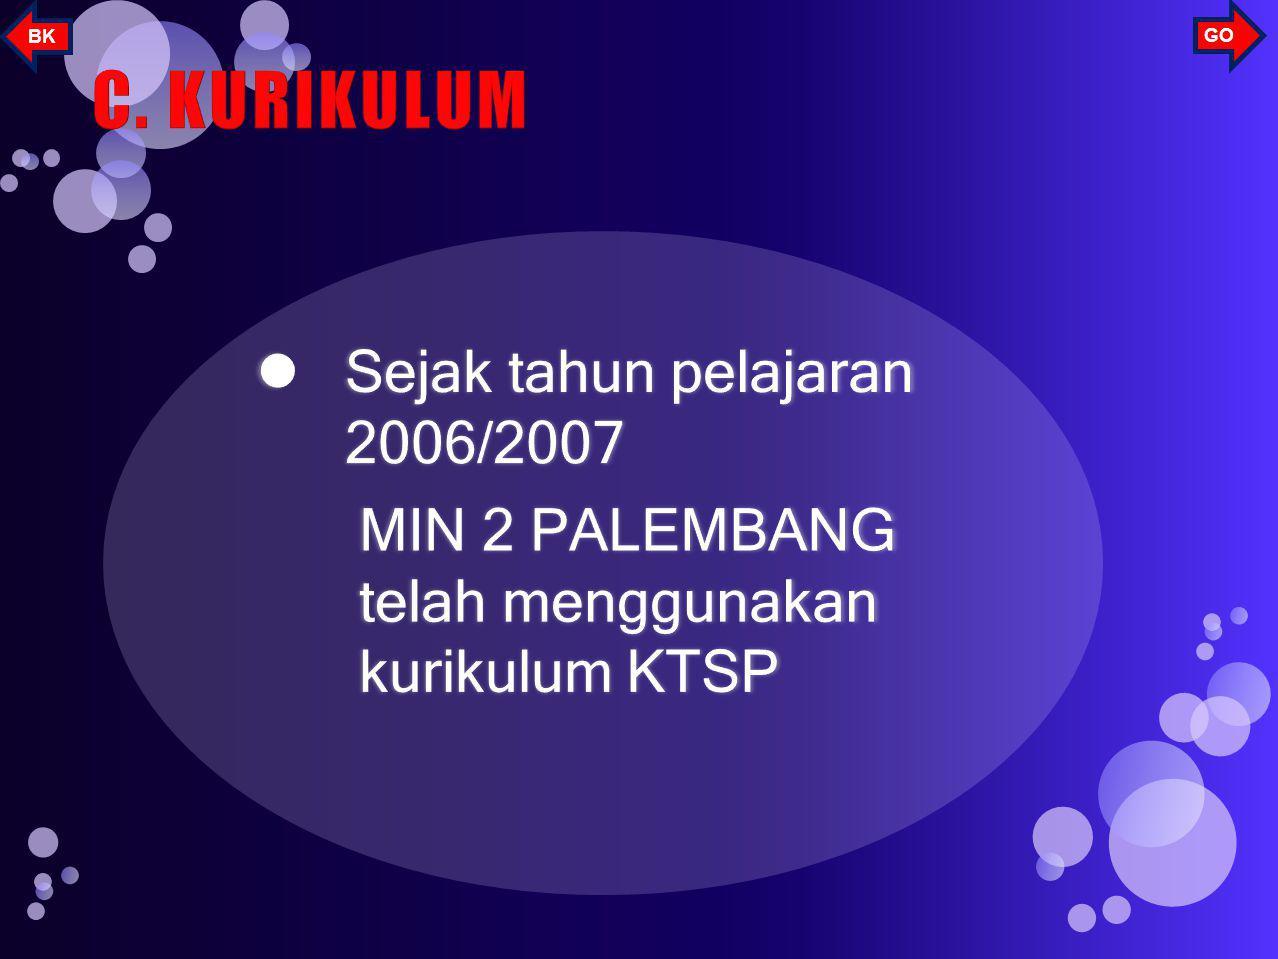 C. KURIKULUM Sejak tahun pelajaran 2006/2007